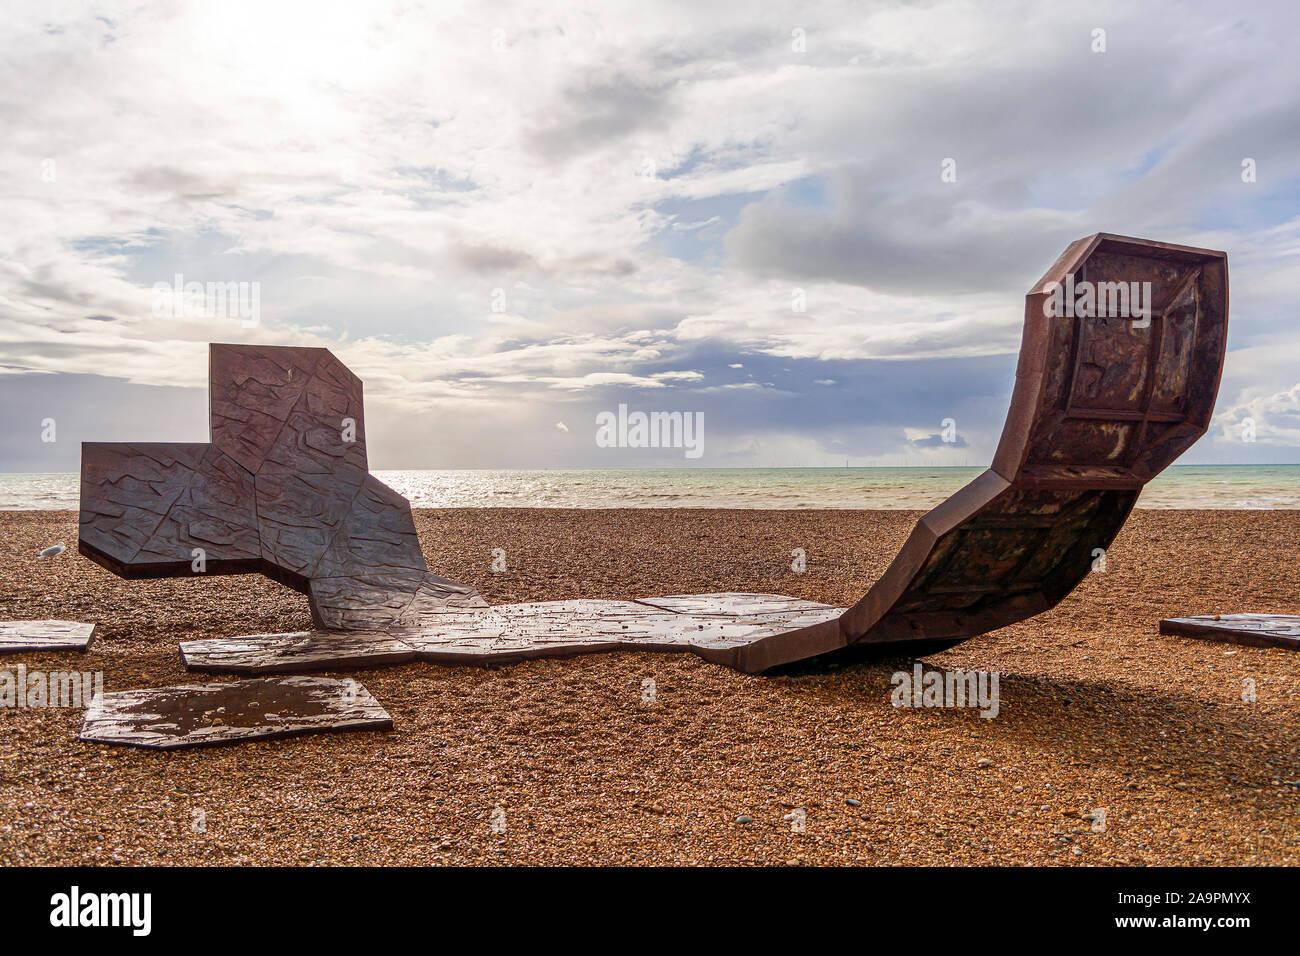 Brighton e Hove, East Sussex, Regno Unito - 4 Novembre 2019: Passacaglia scultura di Charles Hadcock sulla spiaggia di Brighton, Regno Unito. Passacaglia è un enorme, c Foto Stock